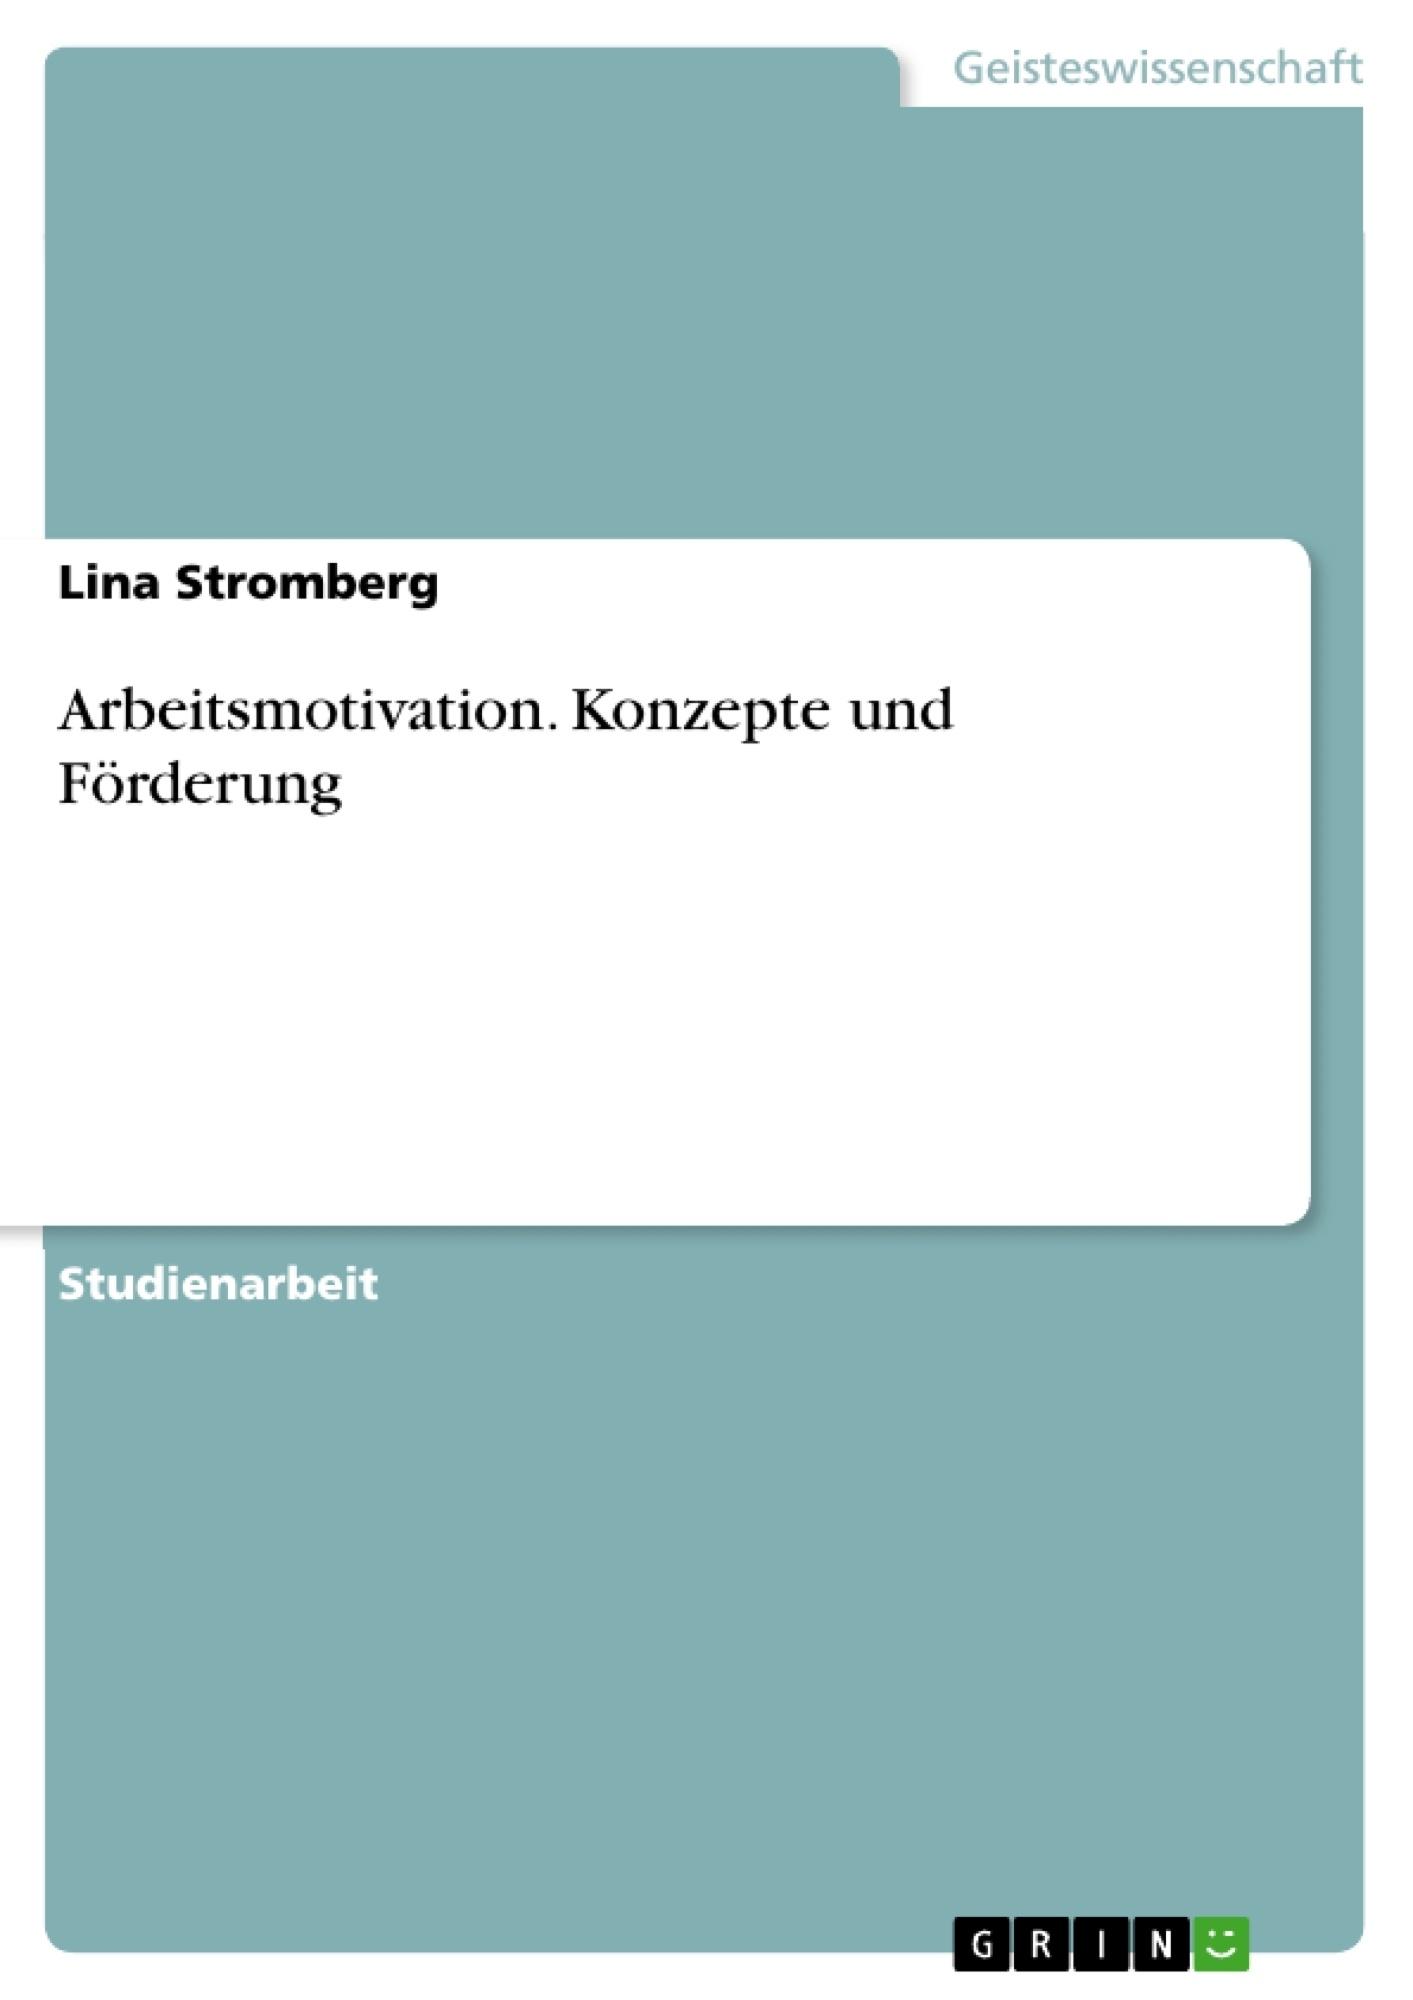 Titel: Arbeitsmotivation. Konzepte und Förderung